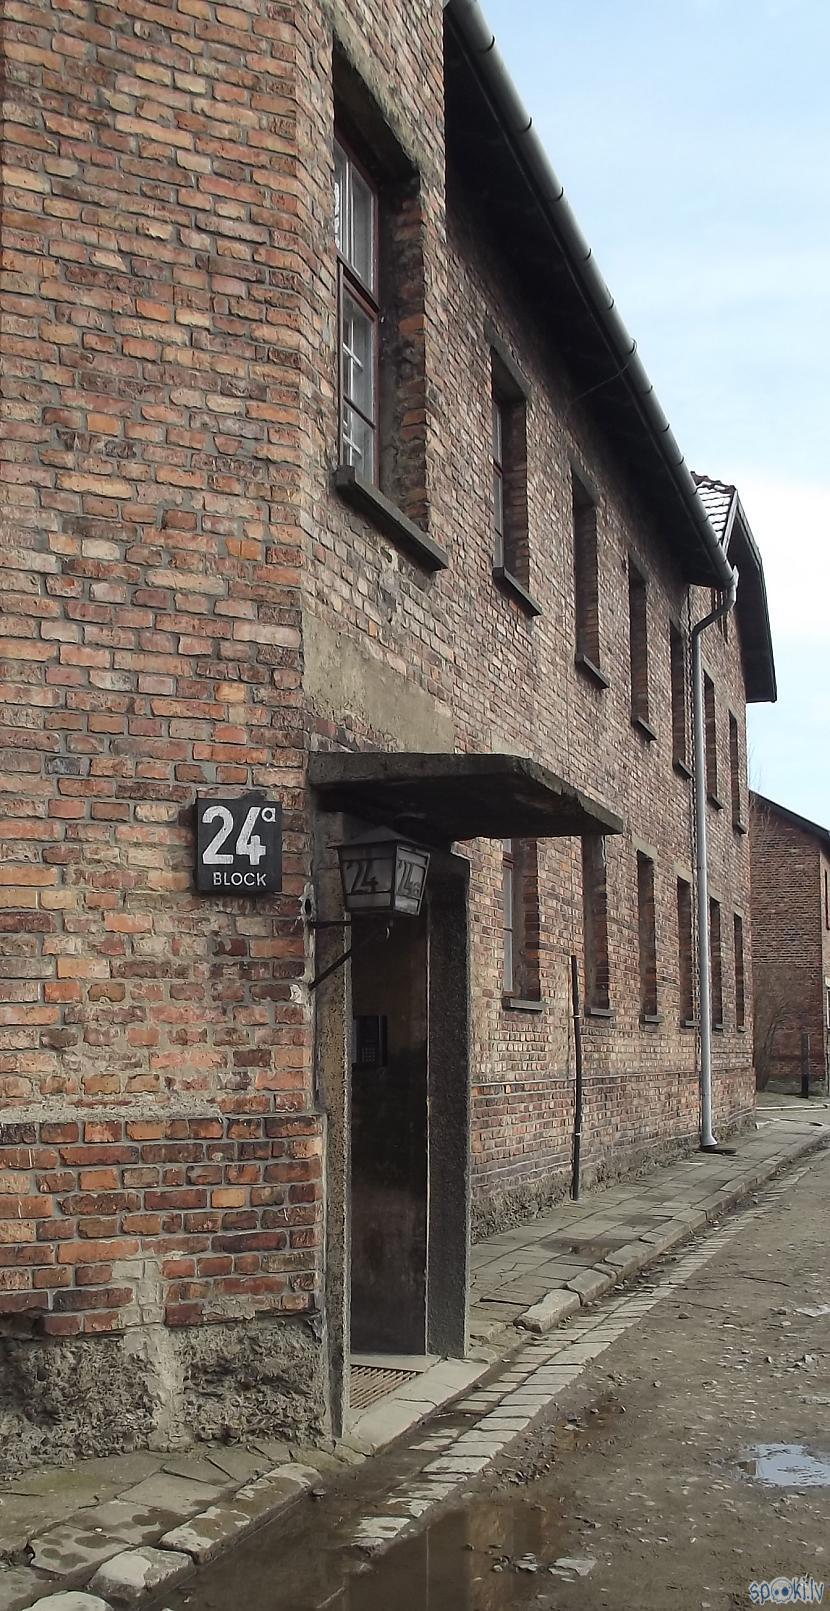 Pirmie bloki kaut ja nummurs... Autors: Fosilija Es tur biju, es to redzēju - Aušvices koncentrācijas nometne Birkenau #1